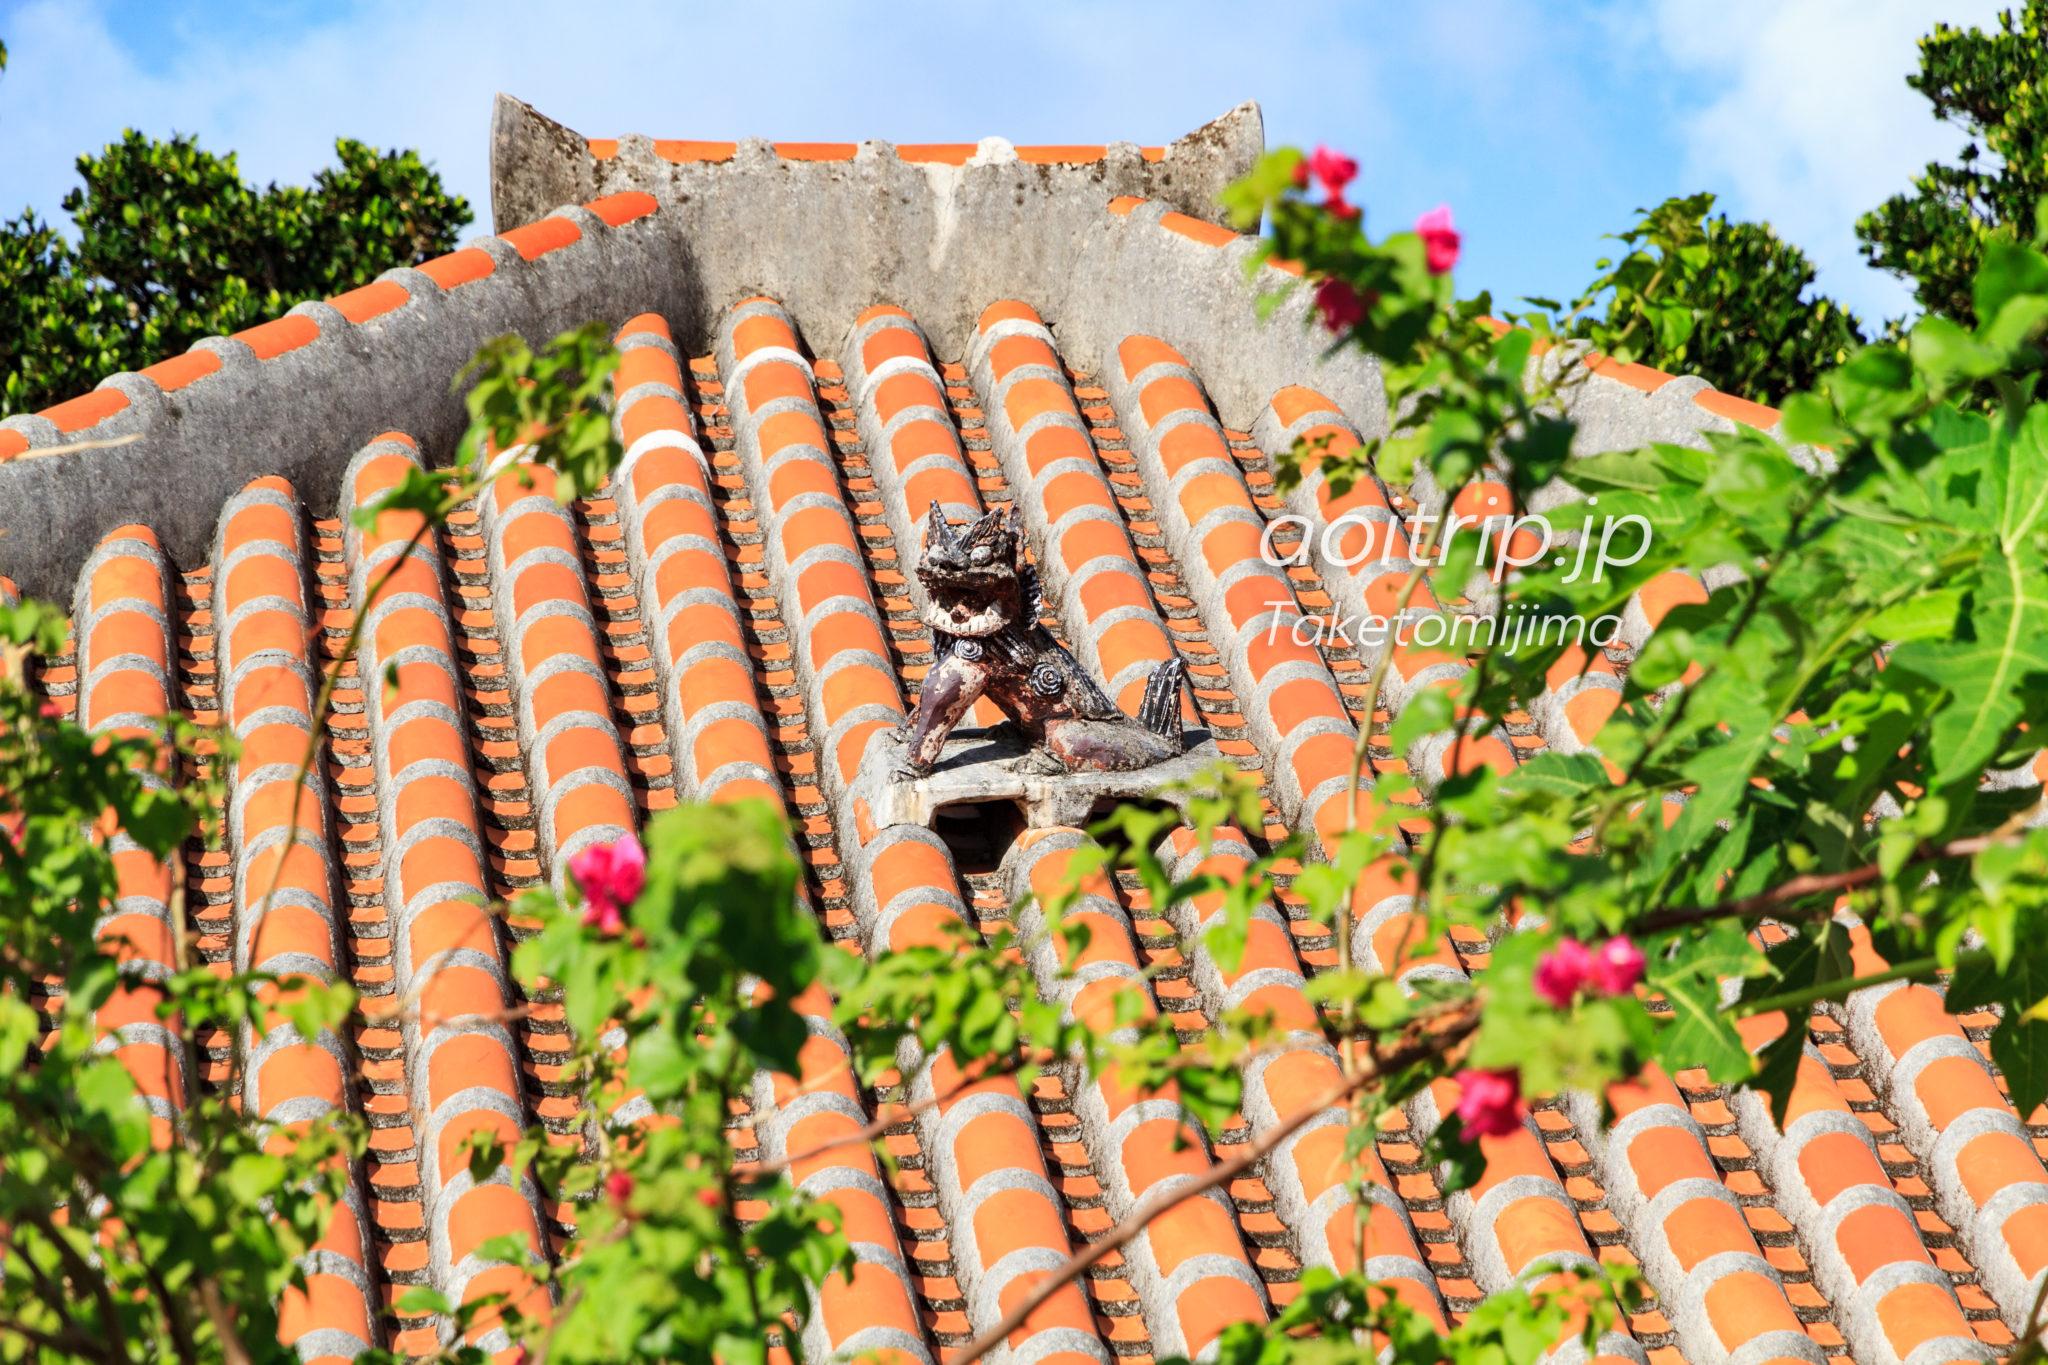 竹富島の赤瓦屋根